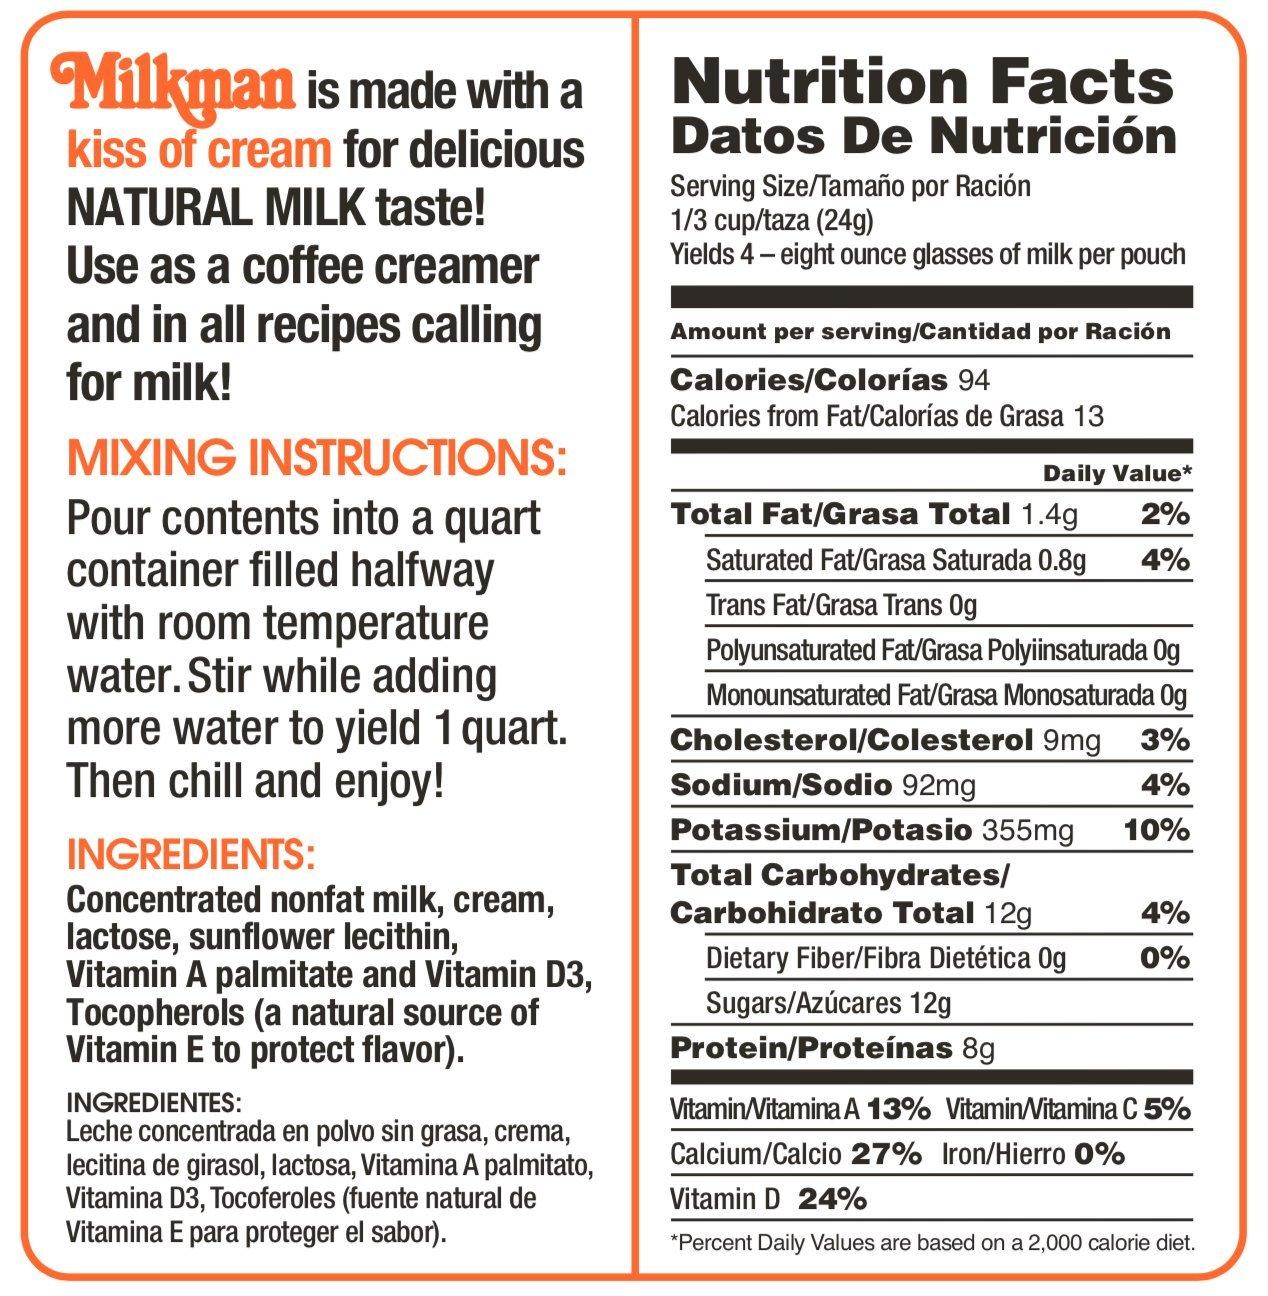 Milkman Instant Low Fat Dry Powdered Milk - 12 Quarts (41.28 Oz) by Milkman (Image #1)